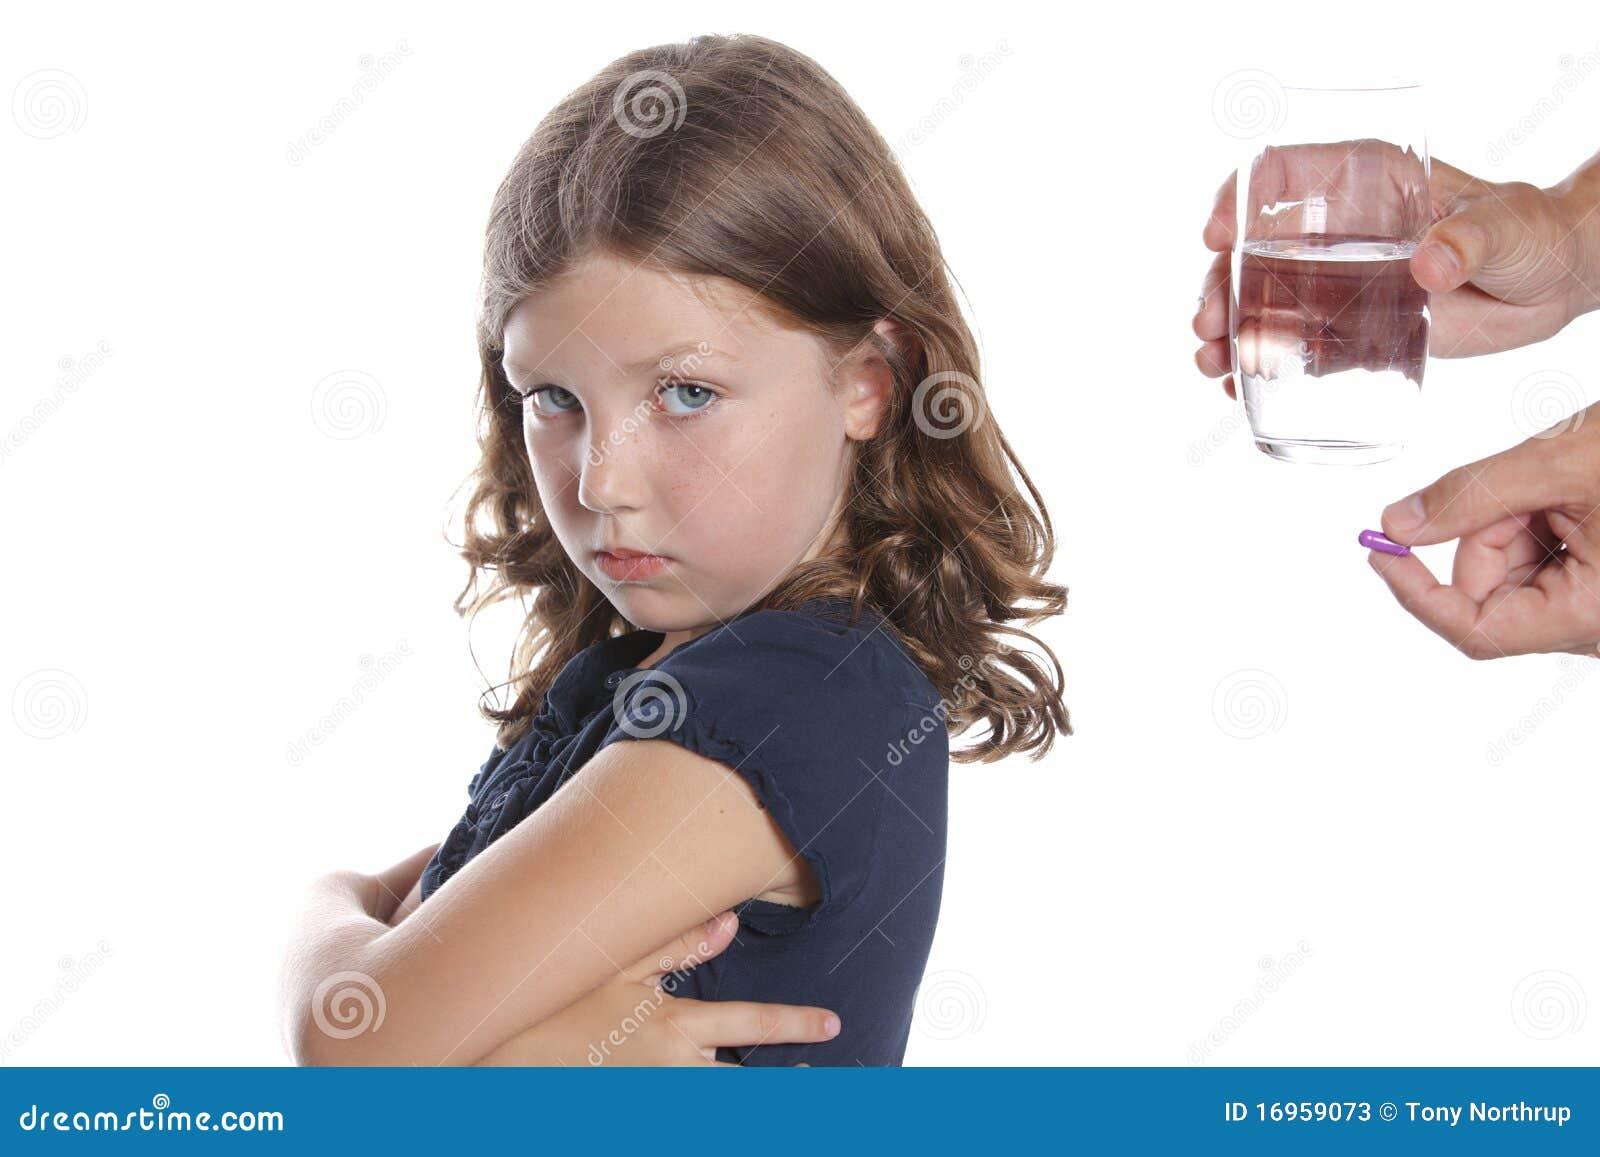 Child wWon t Take Medicine Pill